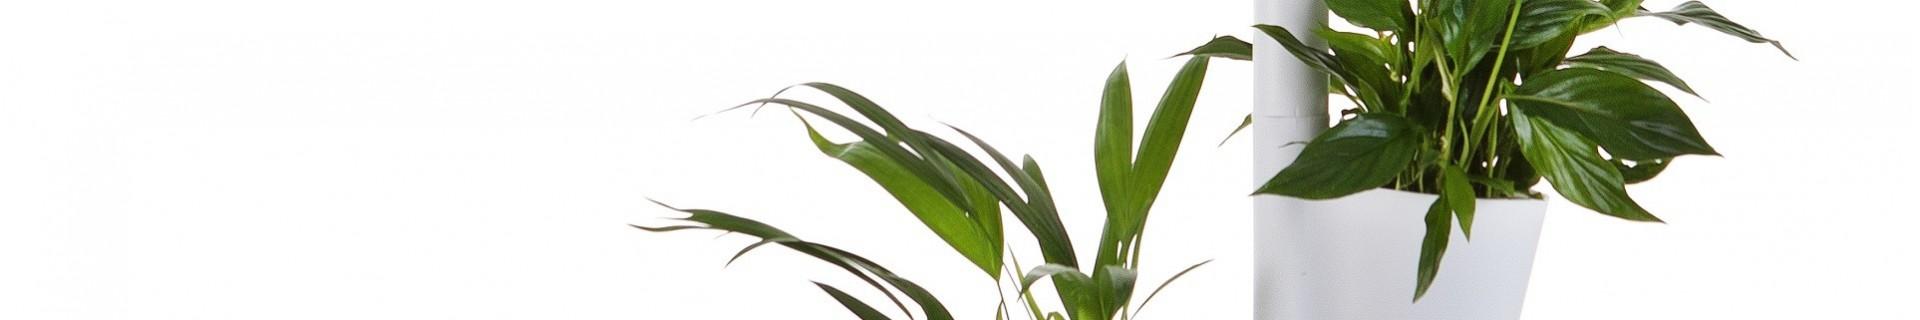 Pots avec arrosage automatique. Plus de plantes à la maison ou au travail.